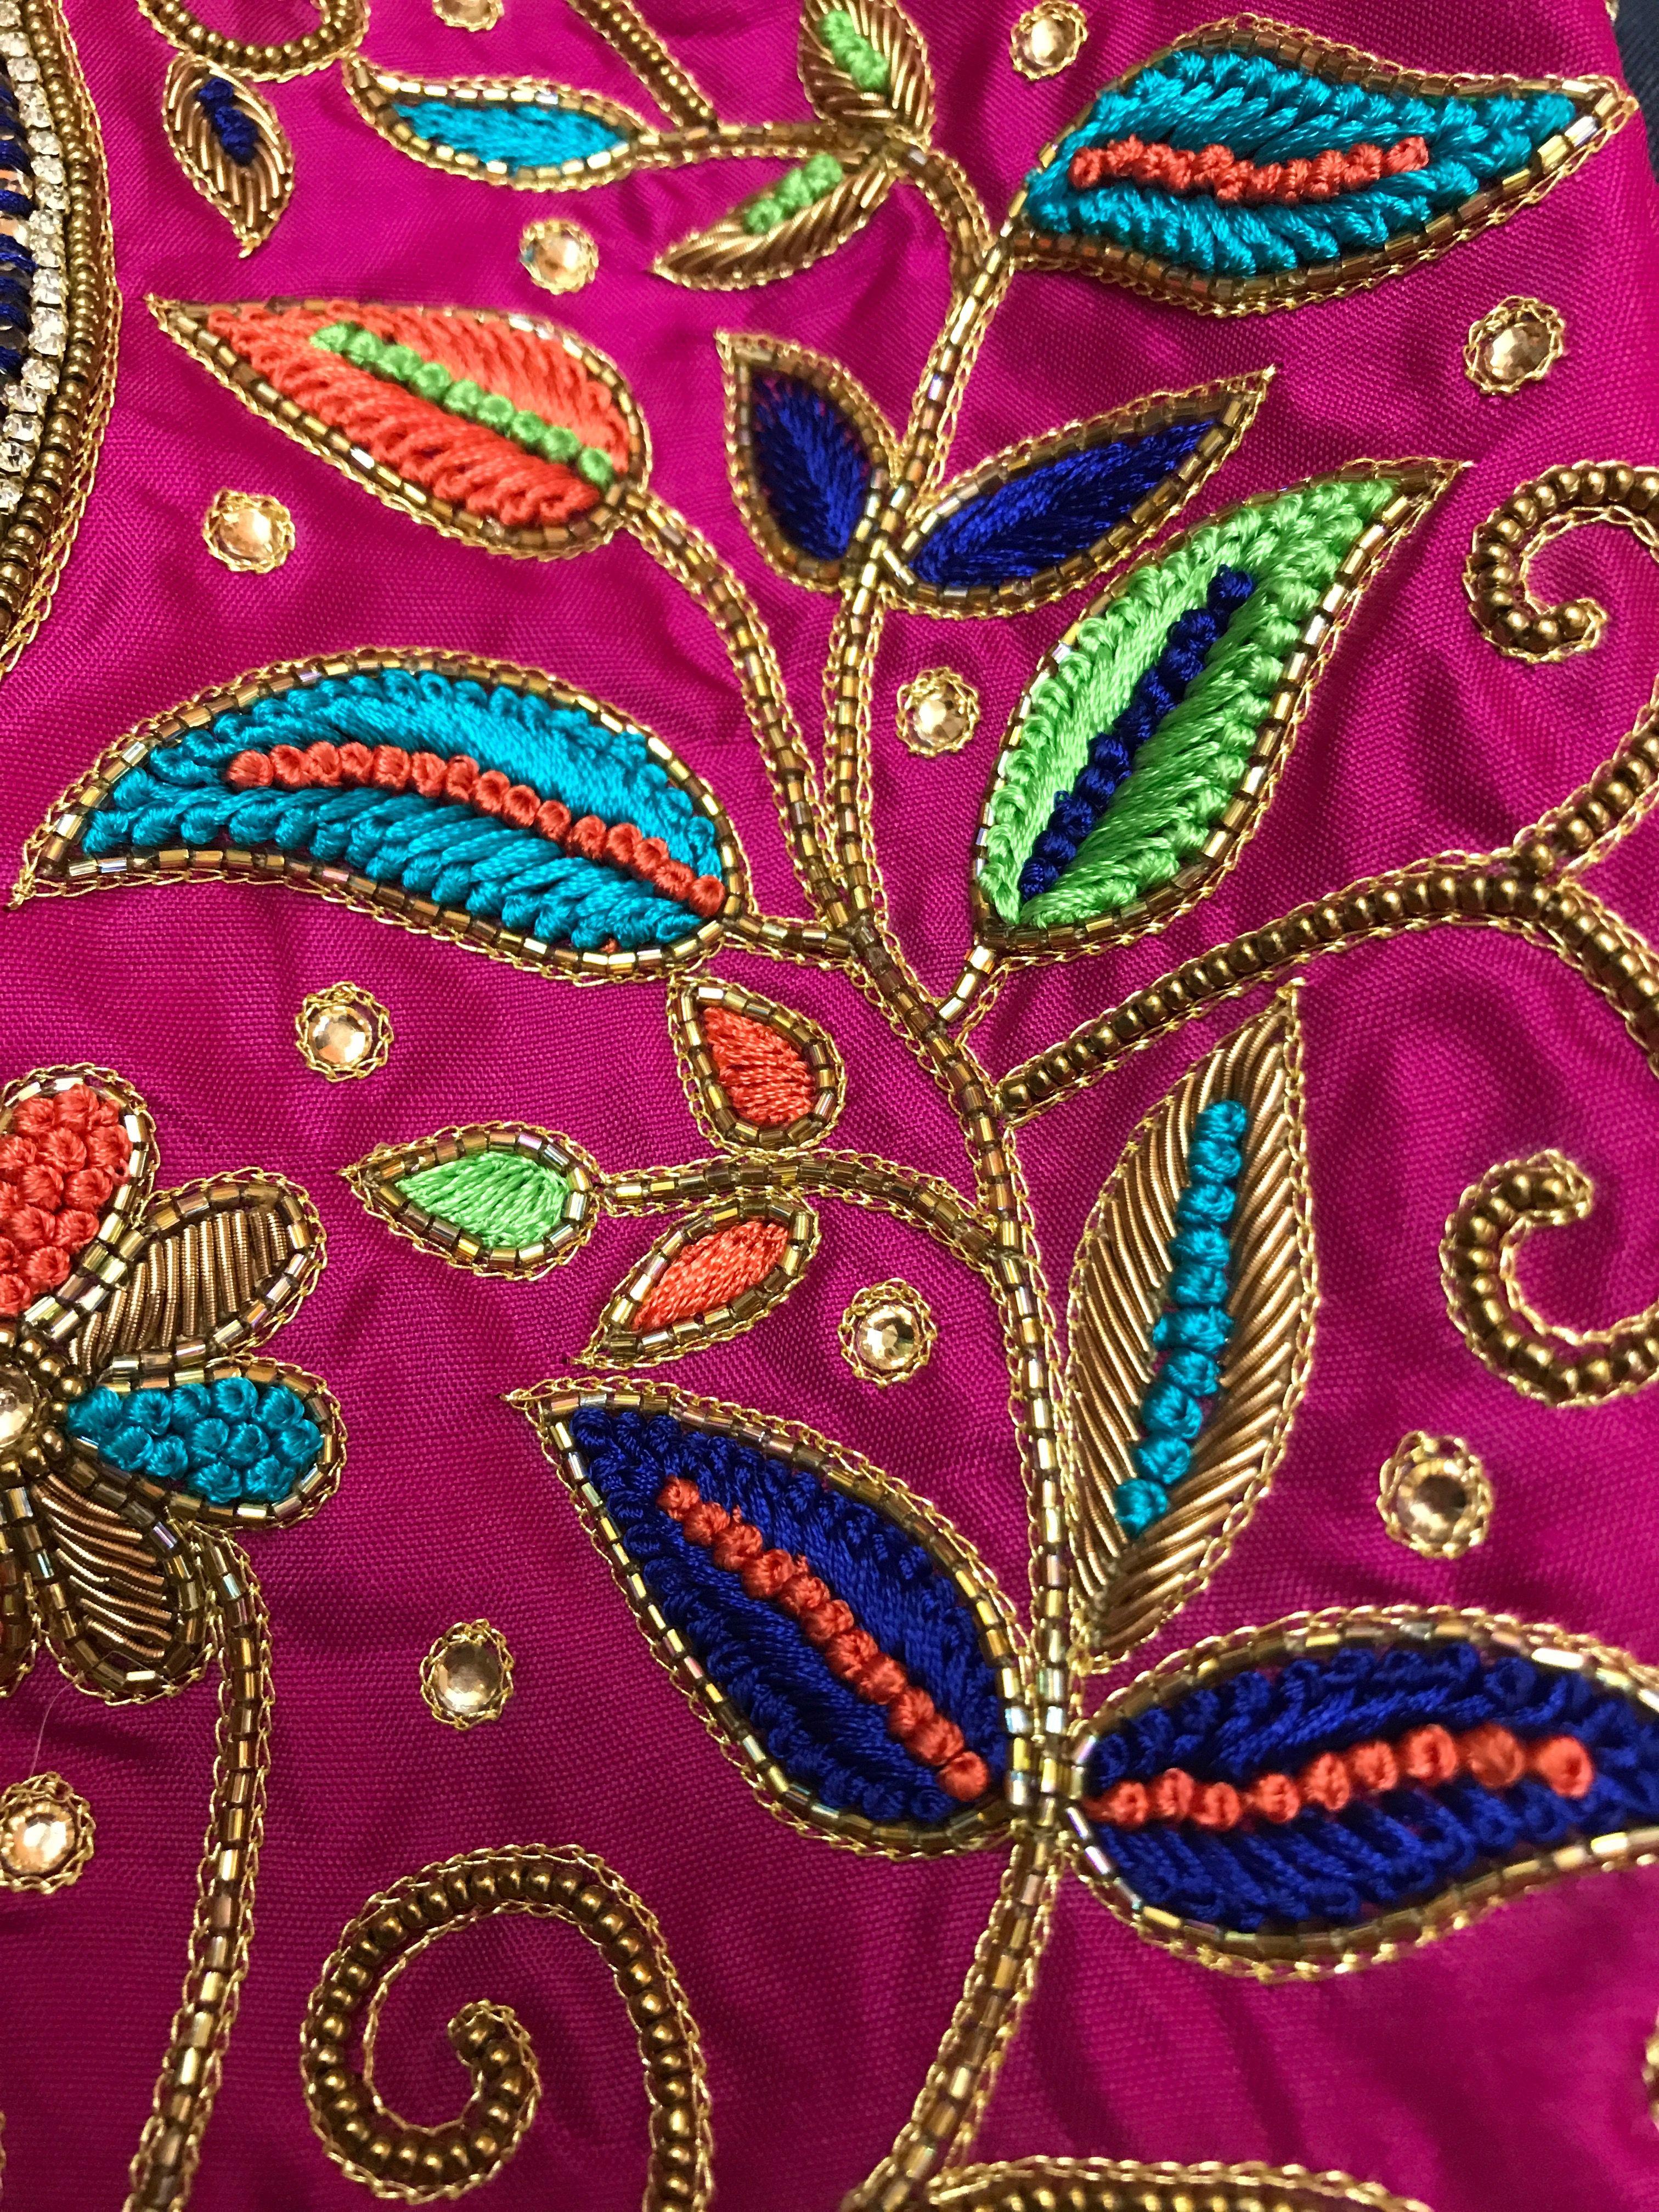 Pin de Kruti Patel en Work   Pinterest   Bordado, Piedra y Bordado ...